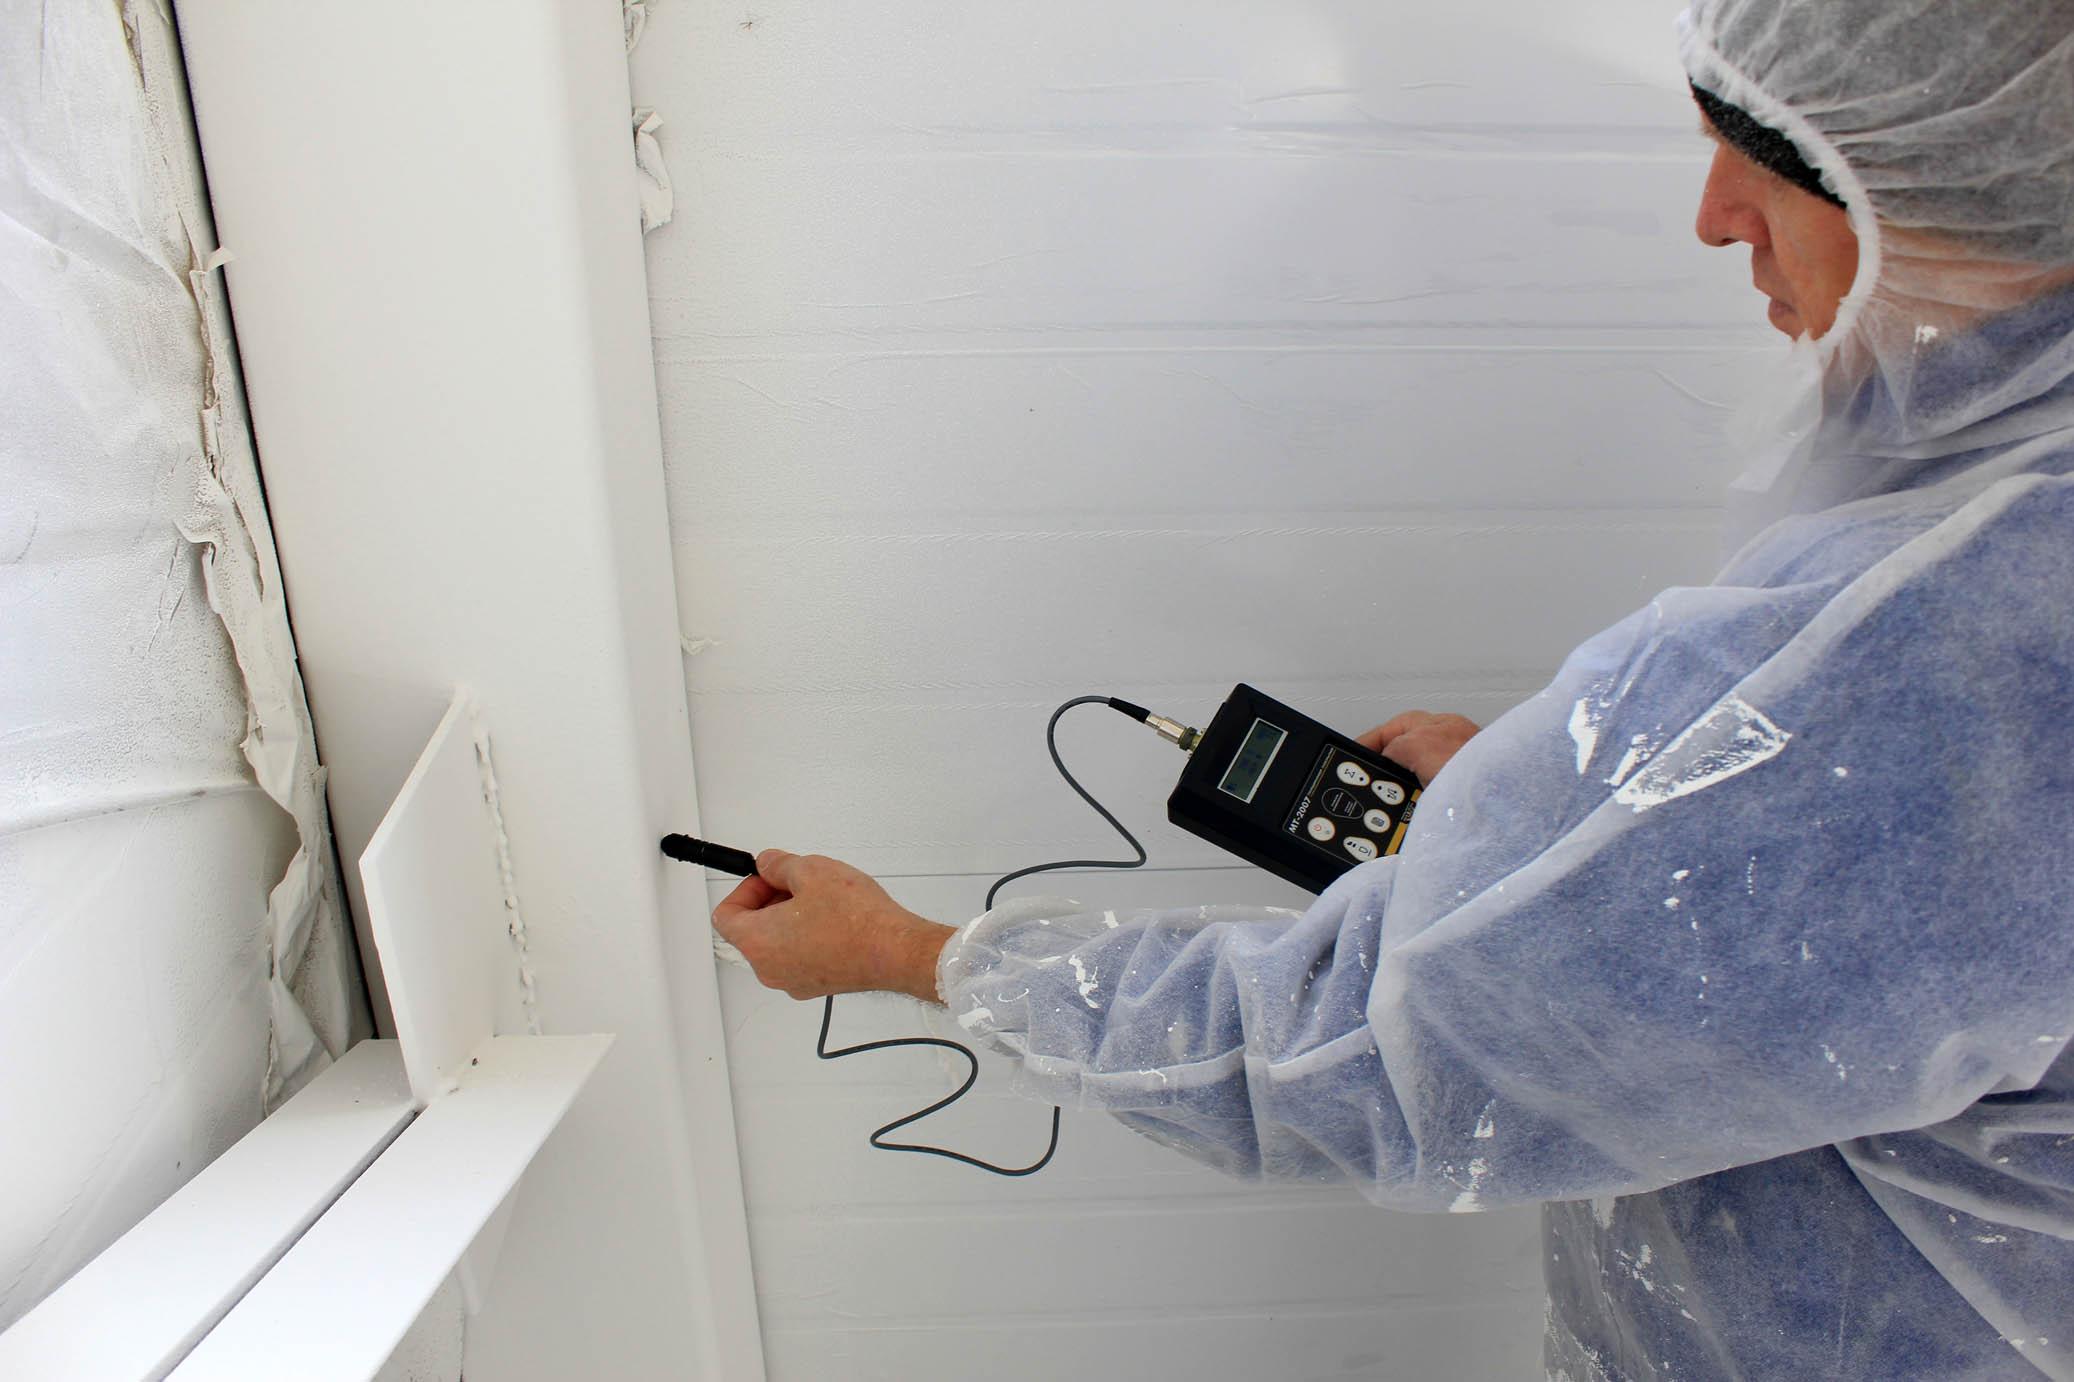 В ходе обследований может проверяться состояние огнезащитной обработки, если это требуется для конструкций объекта.